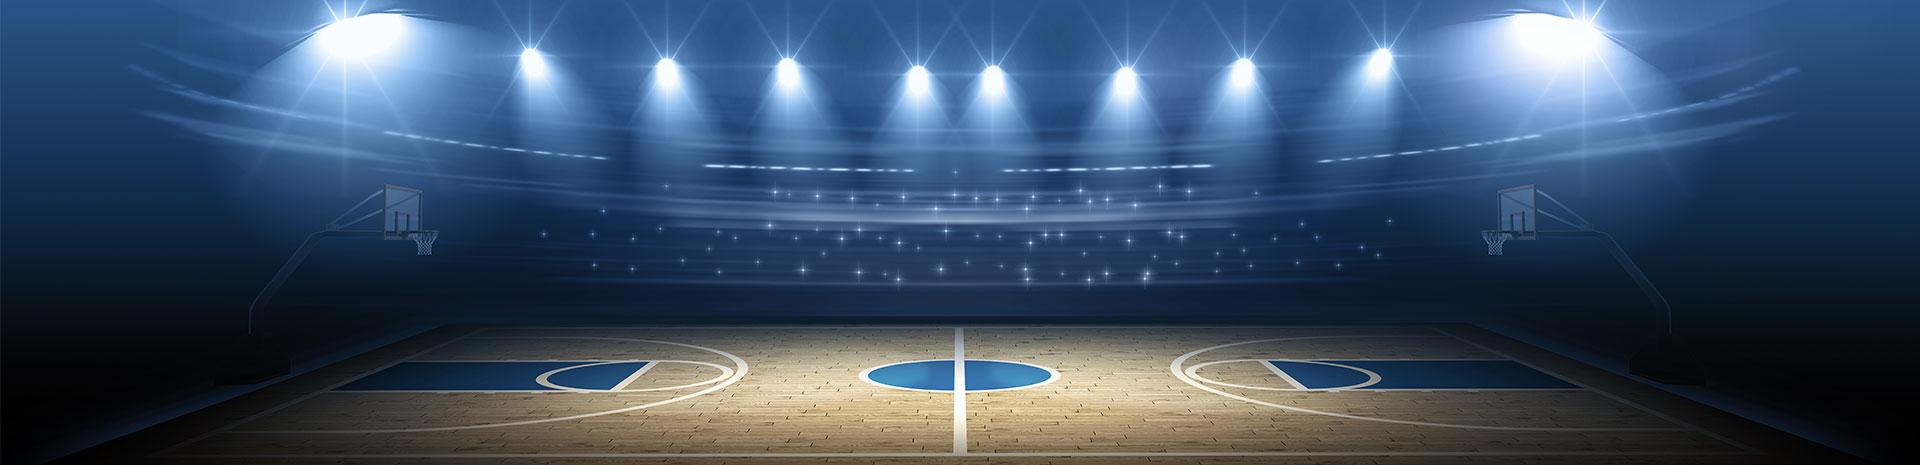 FIDバスケットボールについて